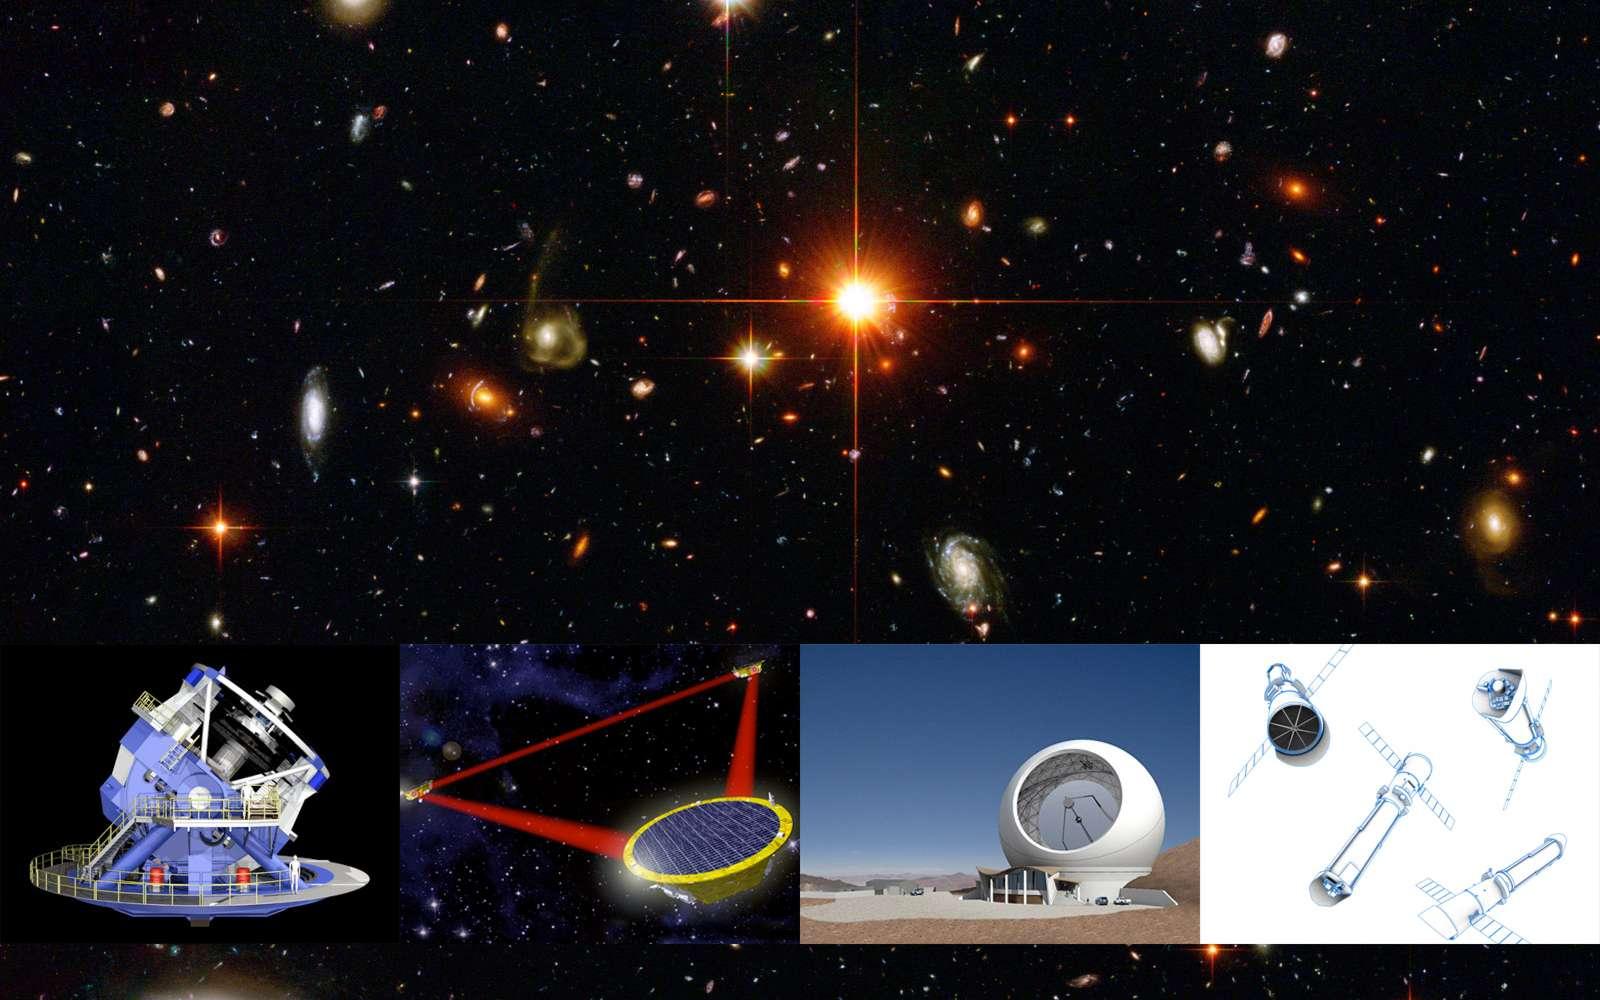 Le Conseil national de la recherche américain vient de rendre public son 2010 Decadal Survey qui dresse la liste des instruments scientifiques prioritaires. Crédits Droits réservés